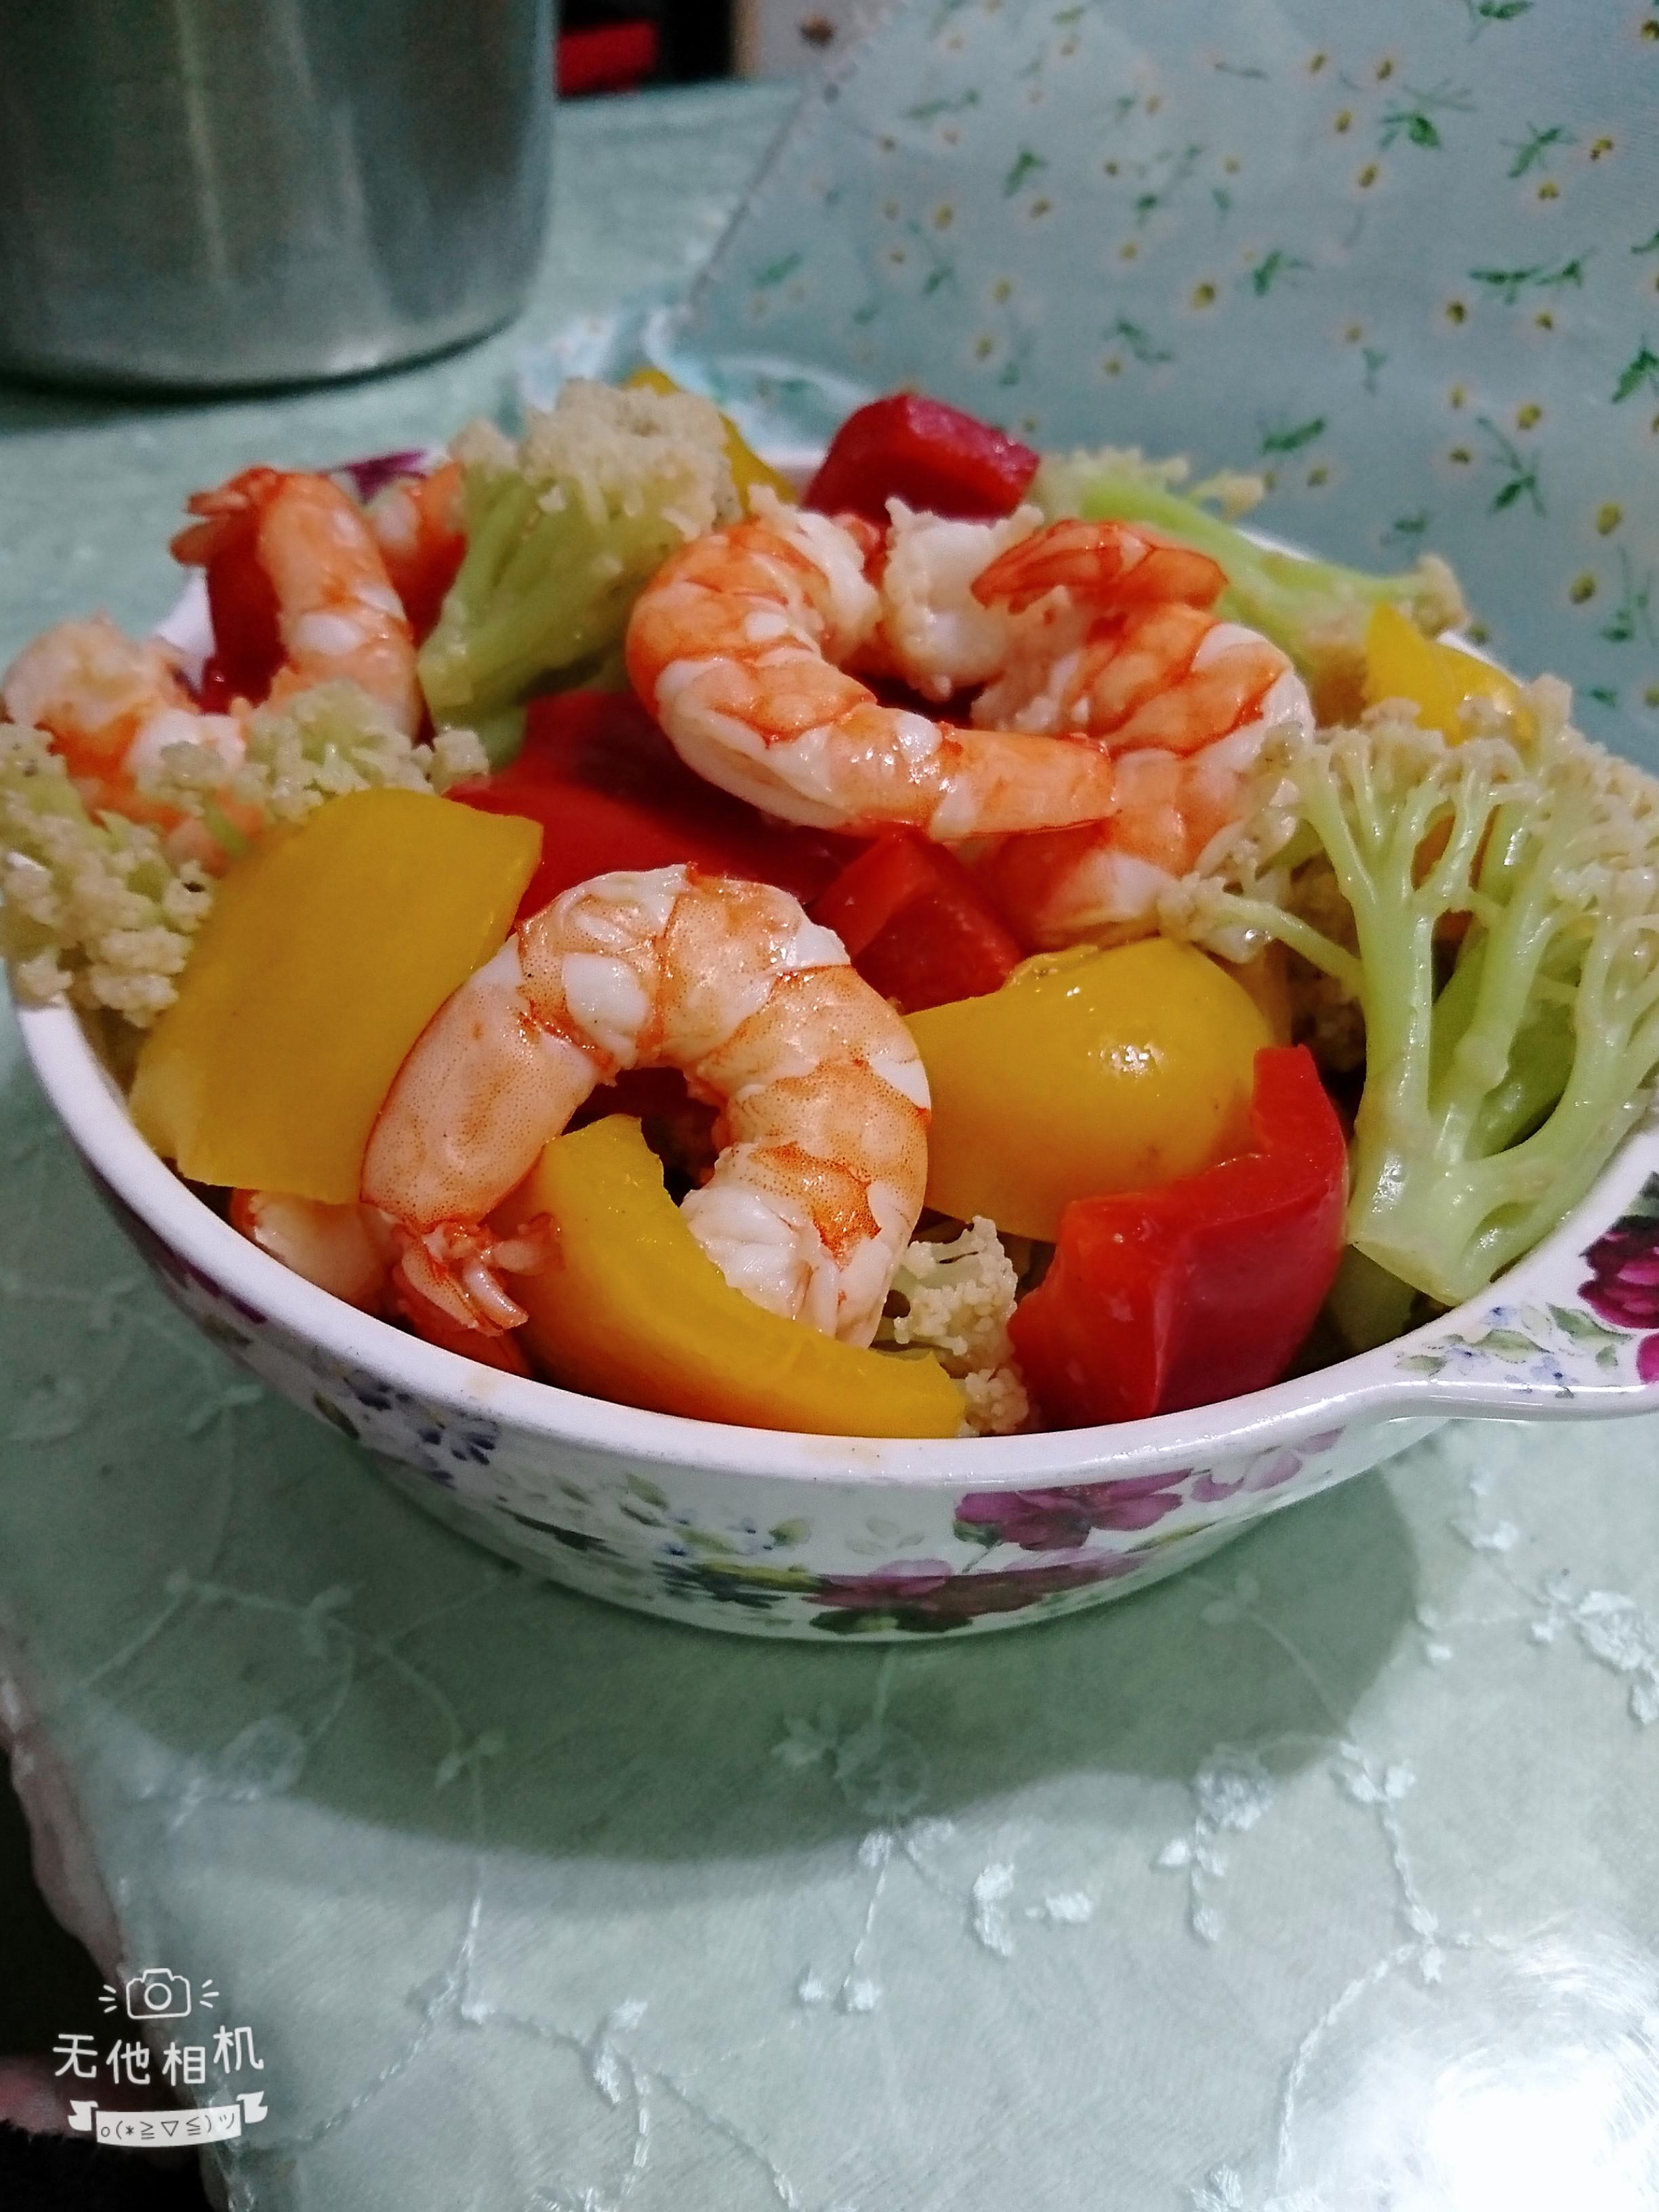 鮮蝦拌鮮蔬